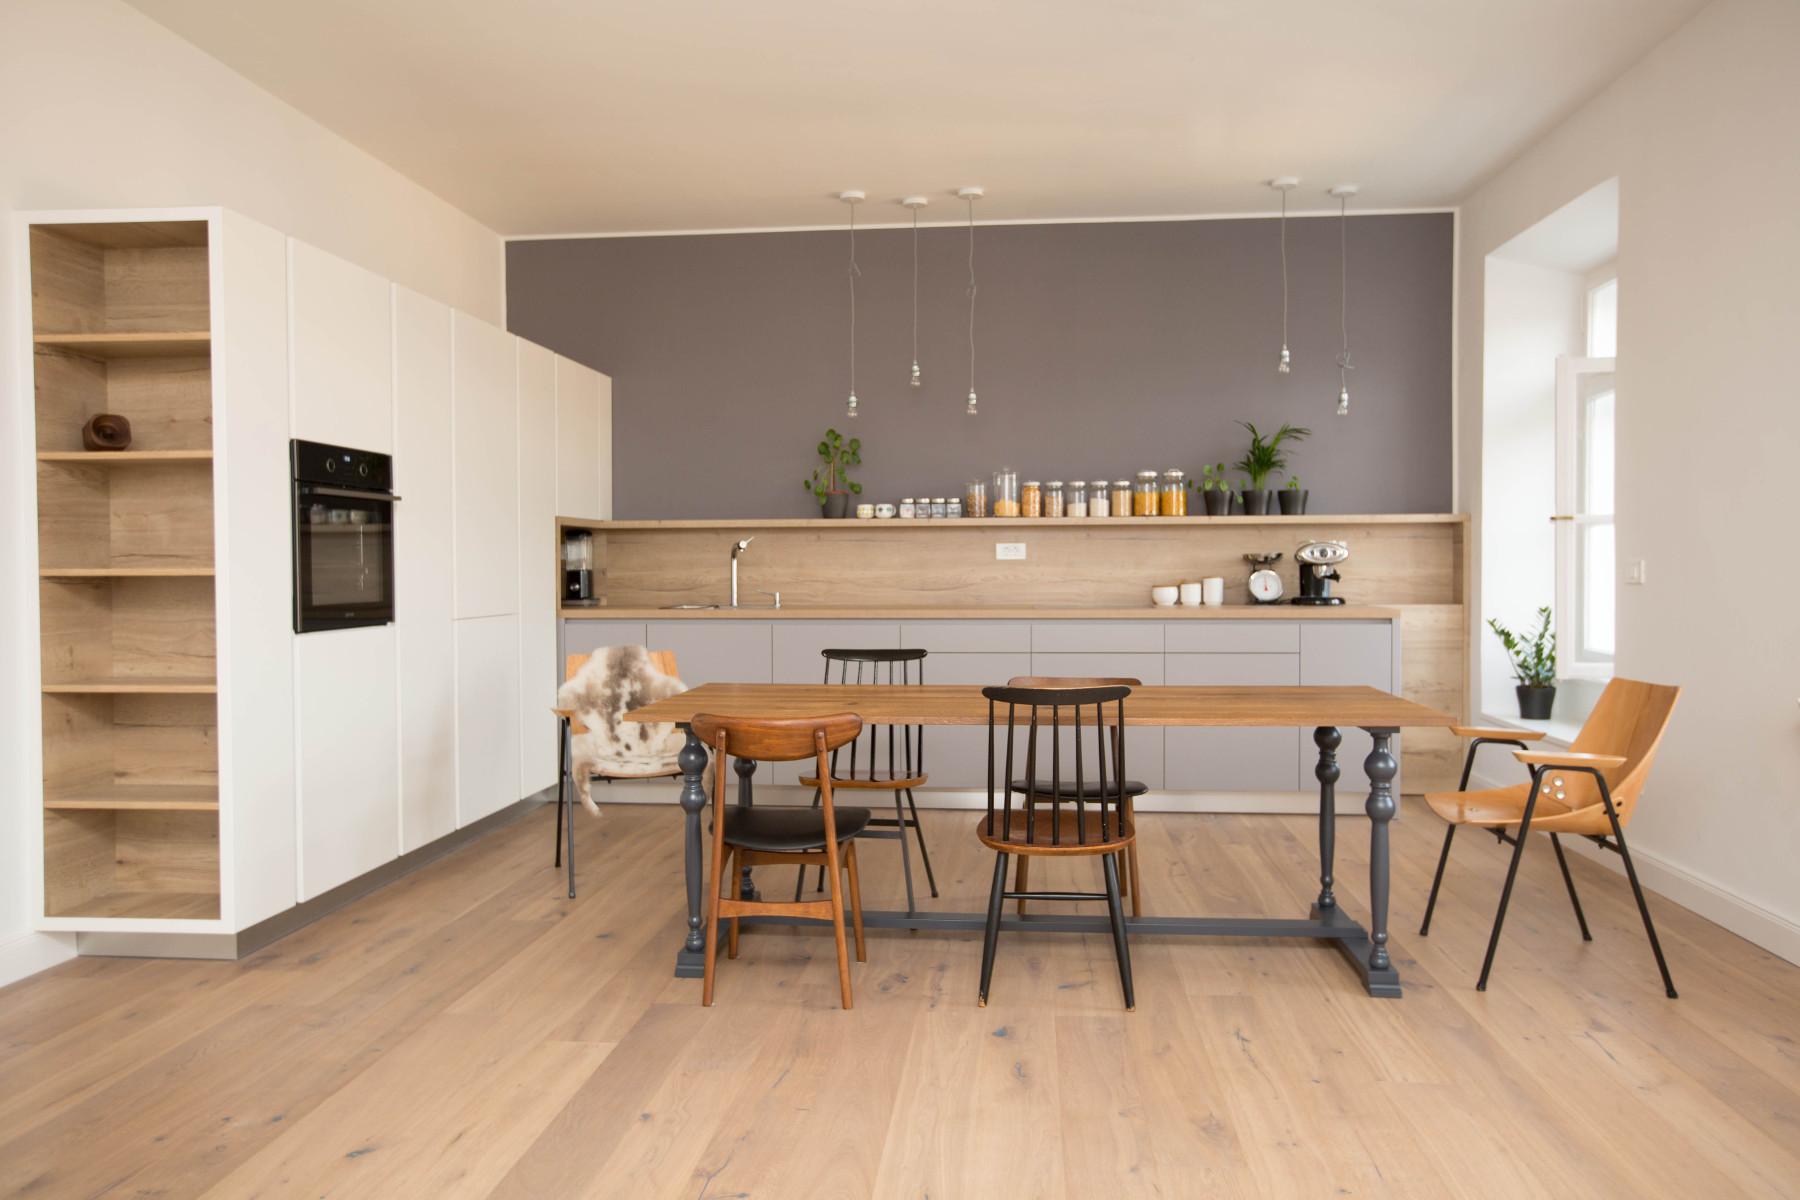 k che eiche dekor arbeitsplatte und lackierte mdf m bel ambius tischlerei aus slowenien. Black Bedroom Furniture Sets. Home Design Ideas